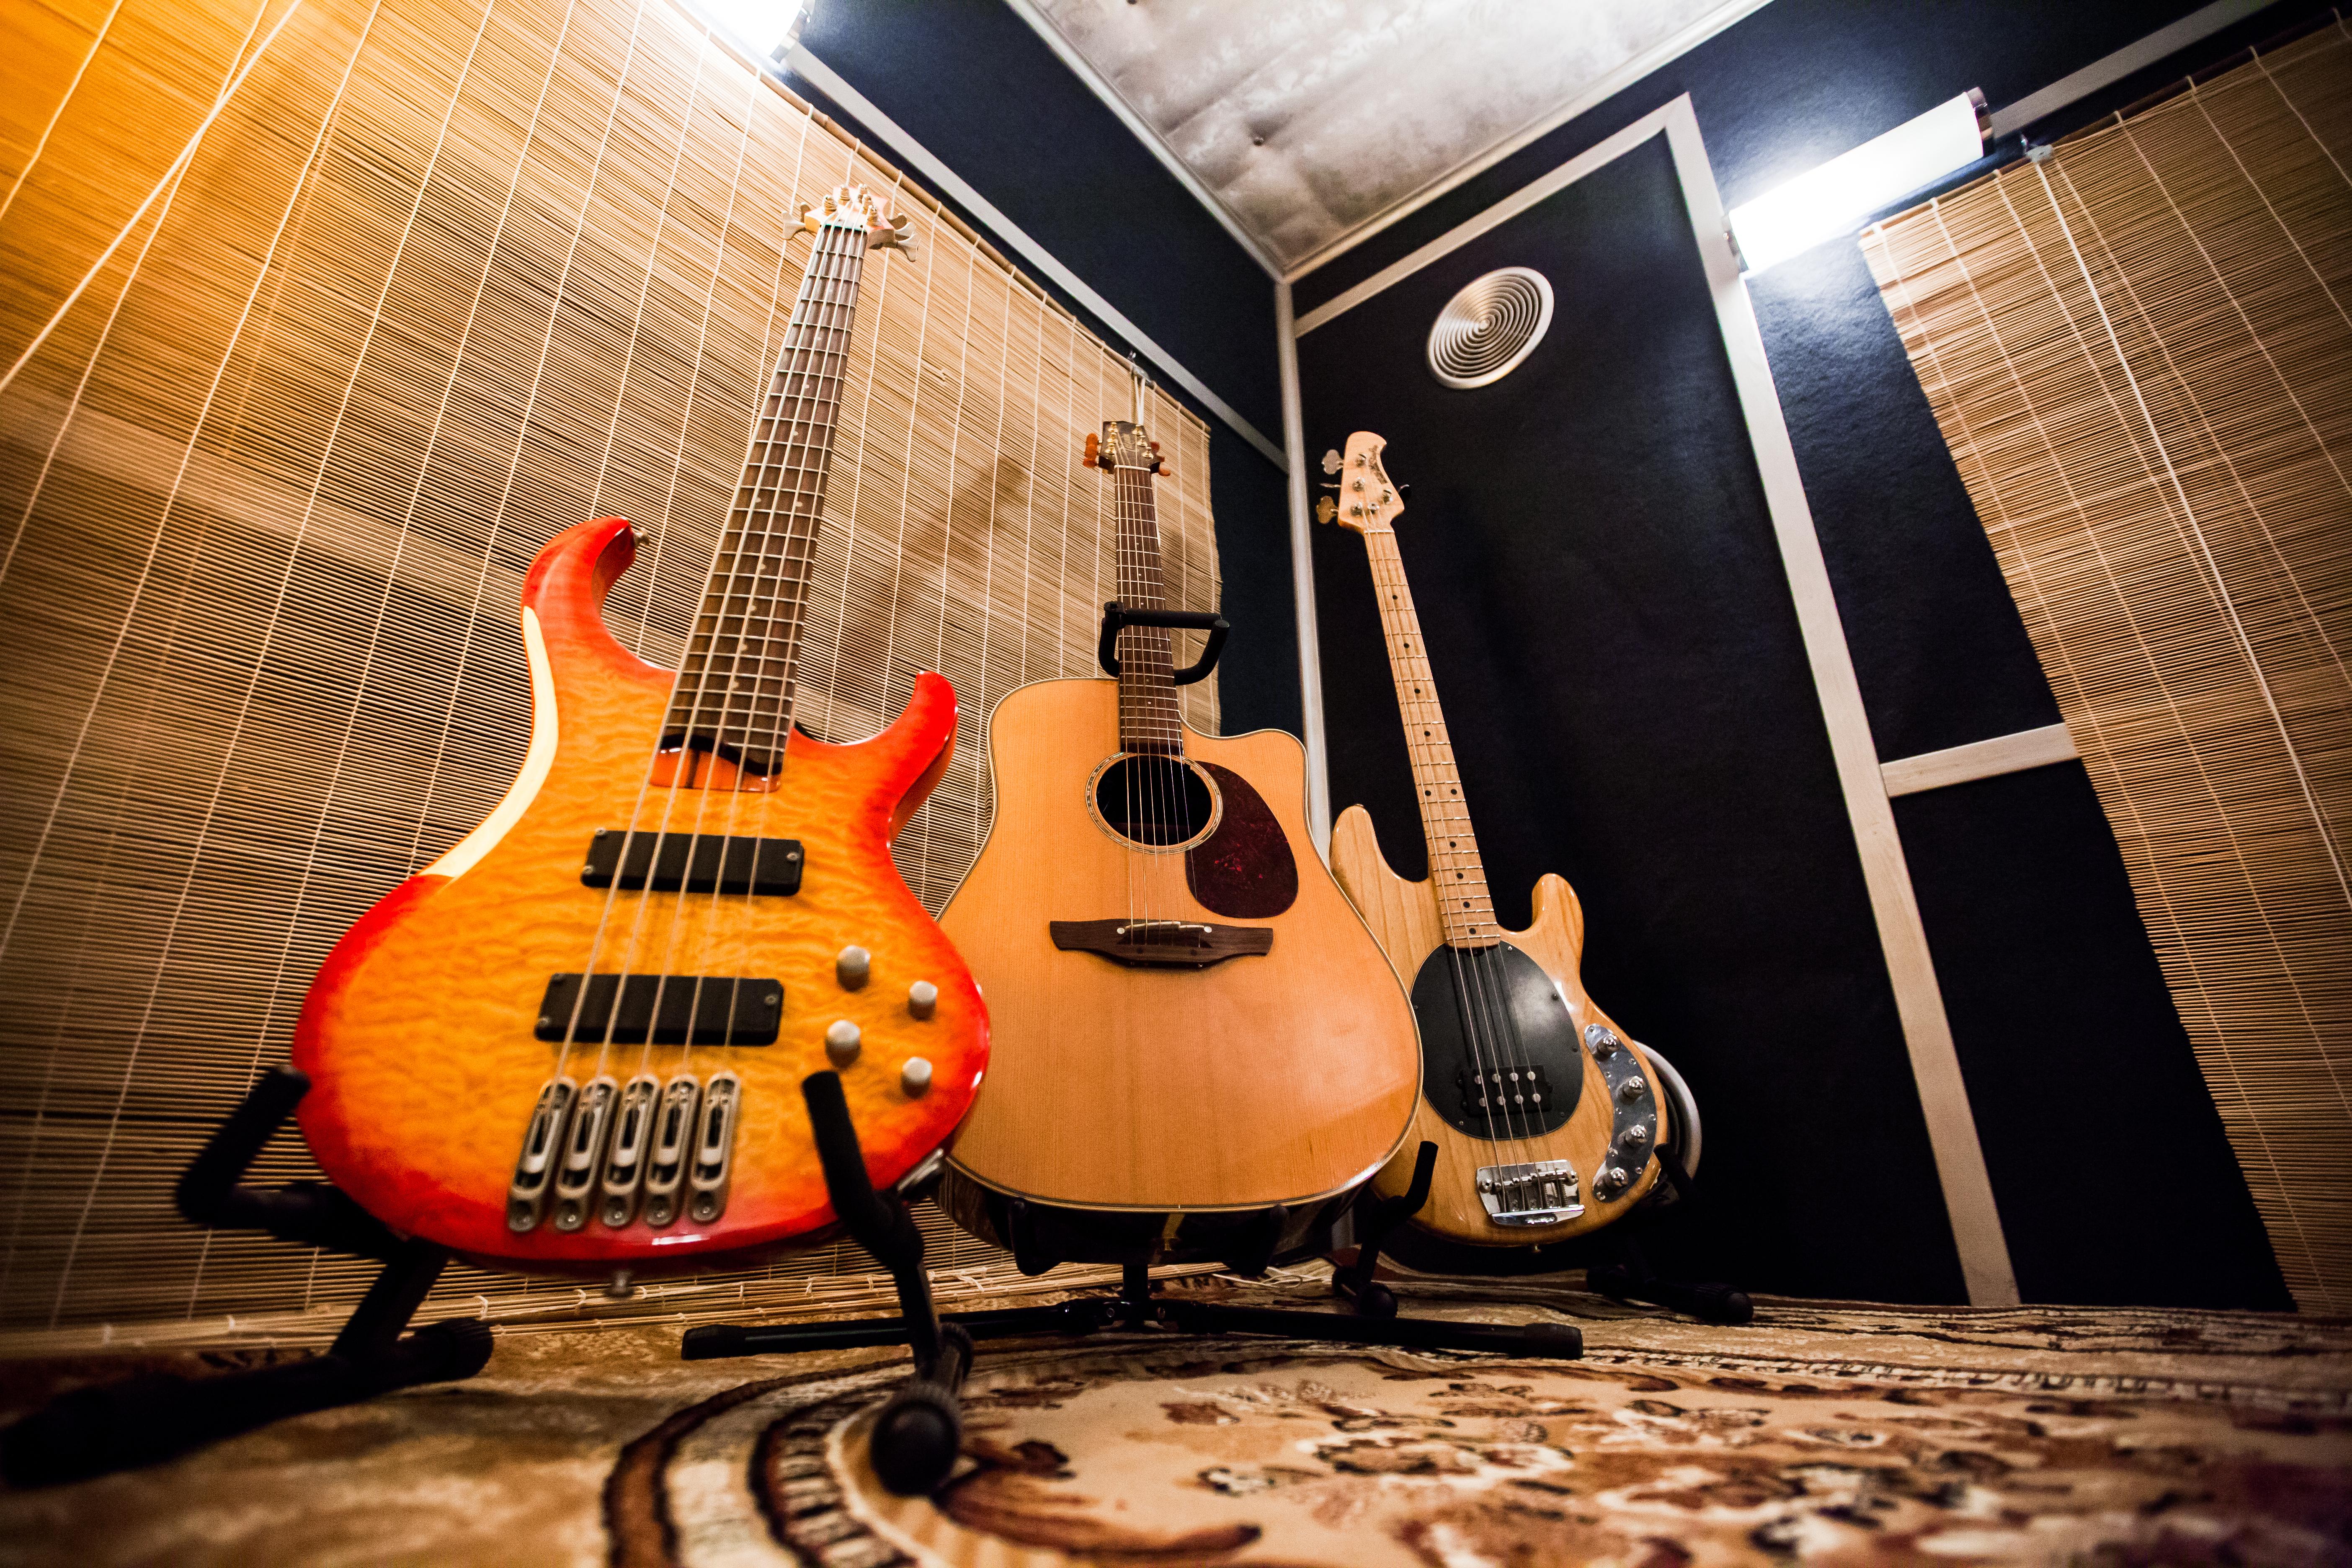 Гитара. Бас-гитара. Акустическая гит